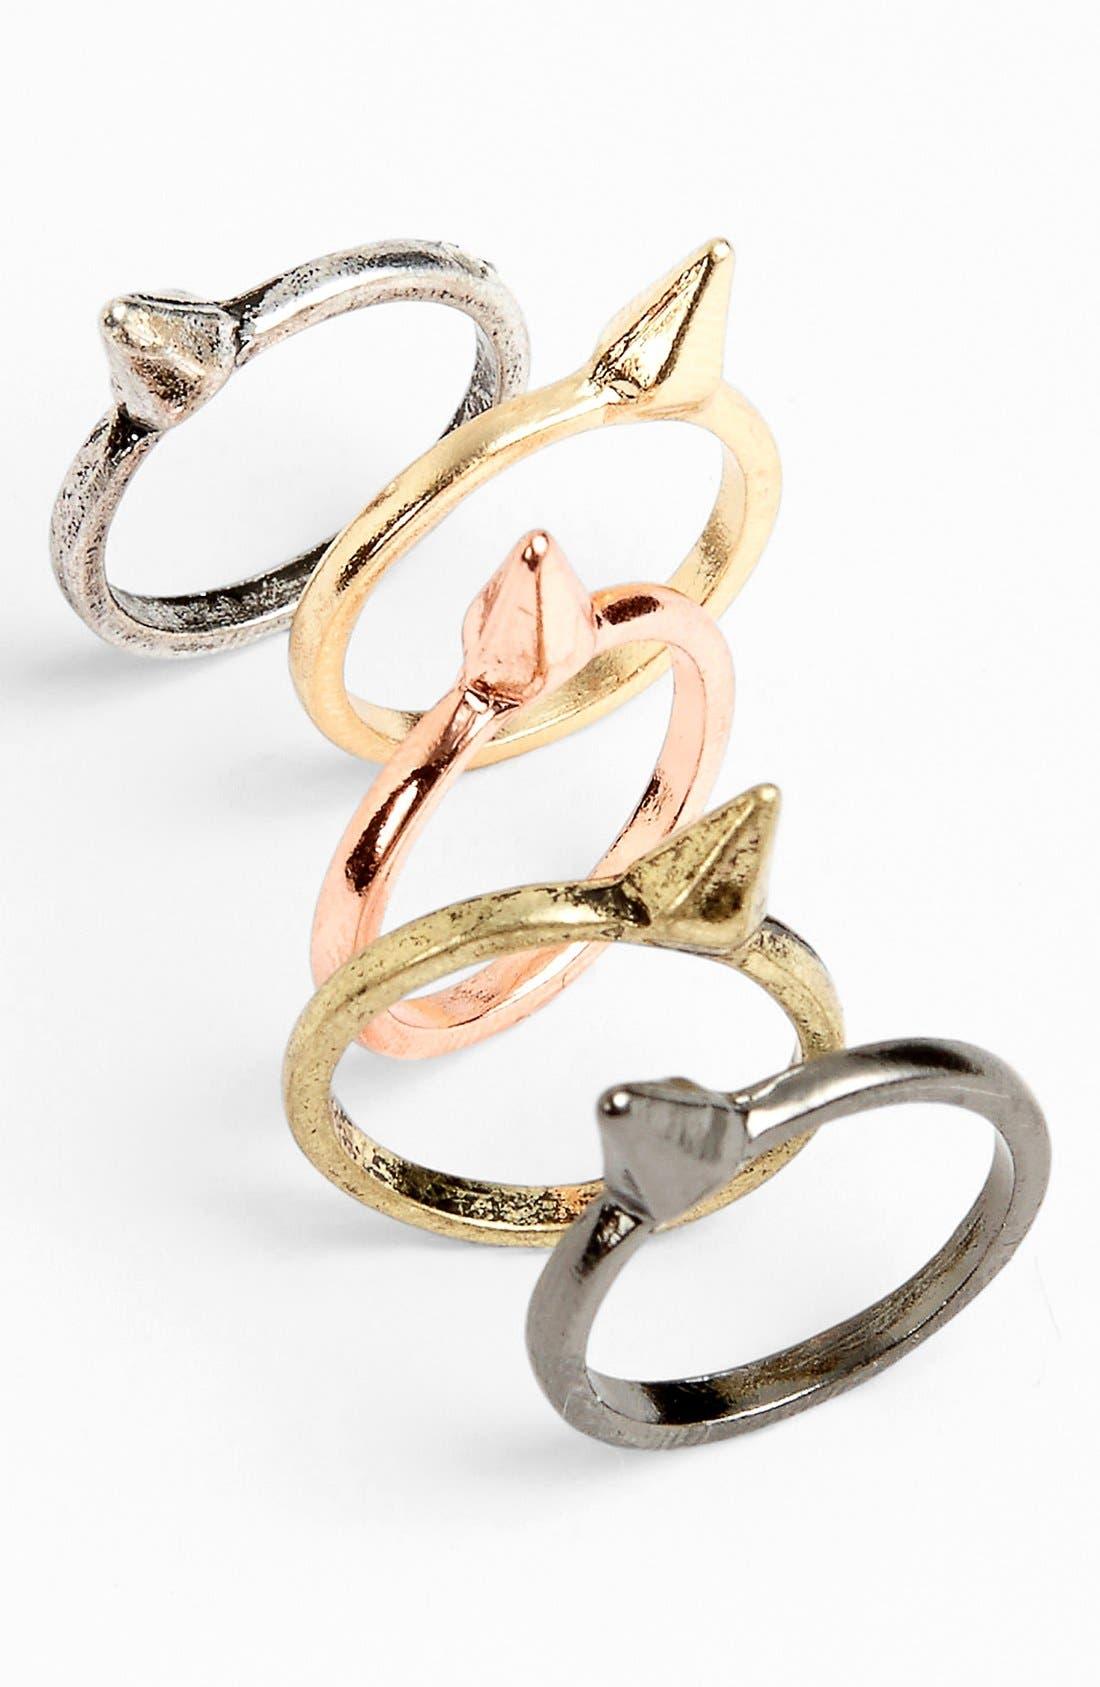 Main Image - BP. 'Cone' Rings (Set of 5)